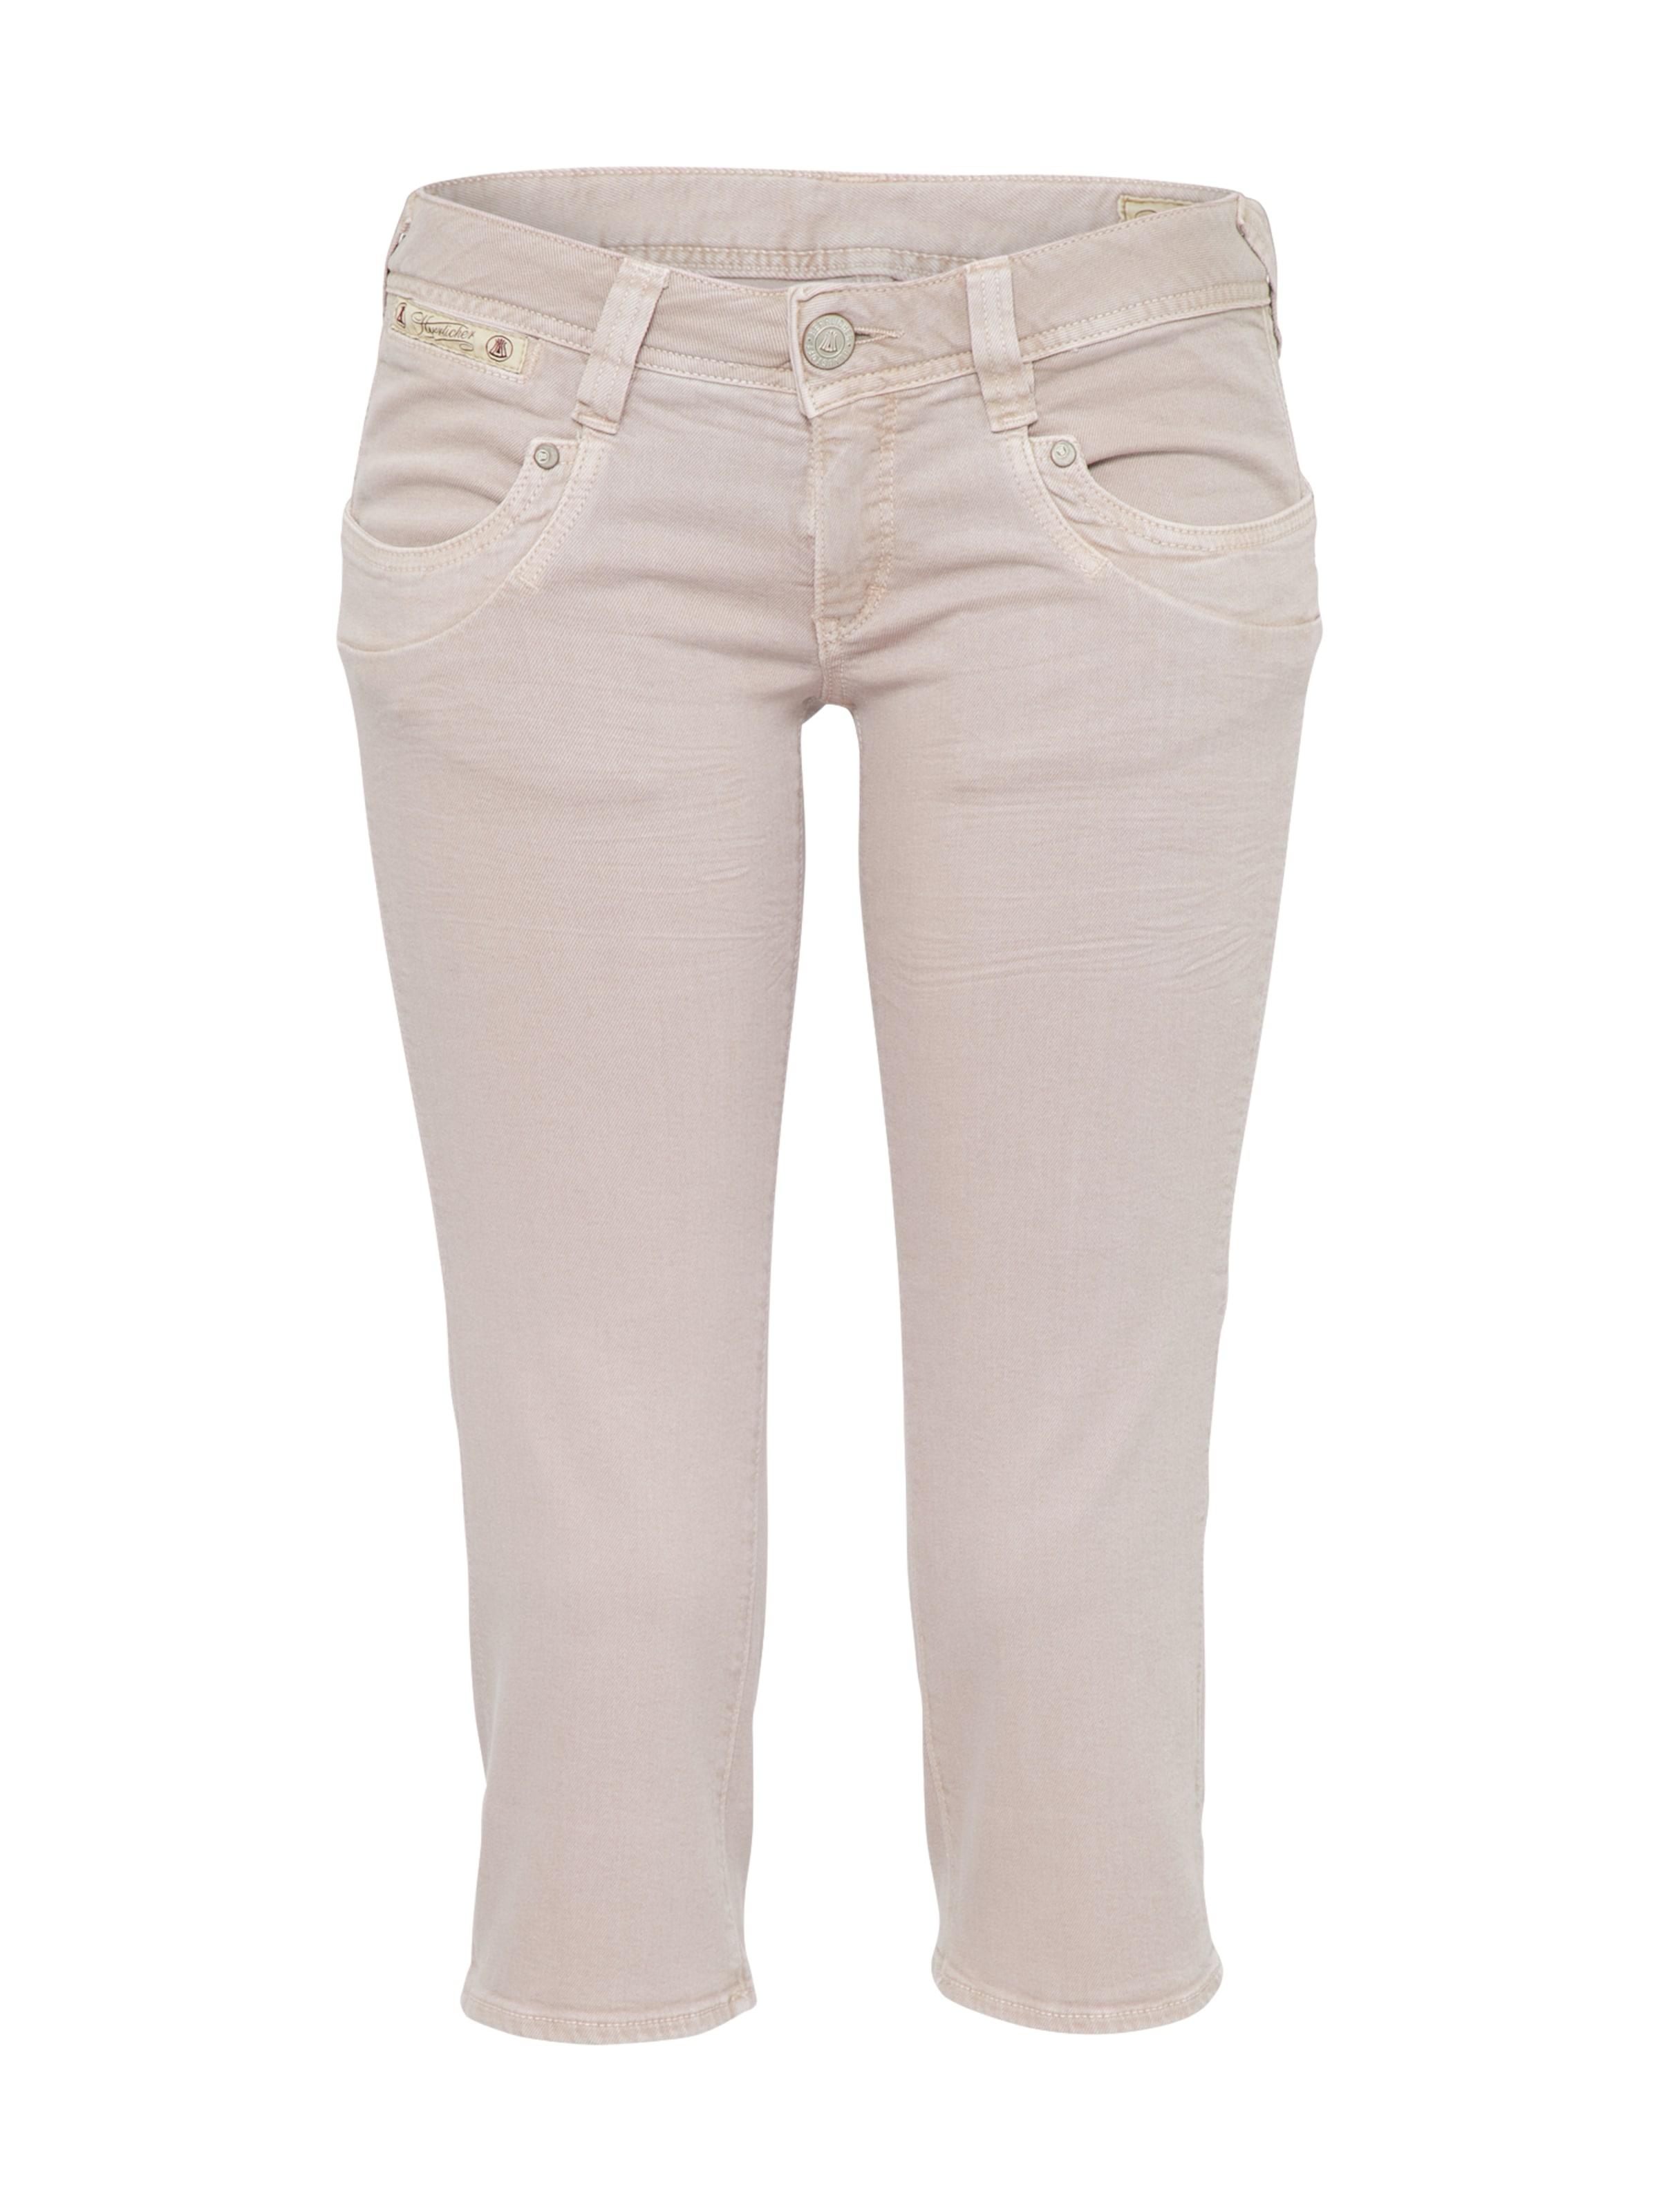 Blanc 'piper' 'piper' Herrlicher Pantalon Herrlicher Herrlicher Pantalon Blanc Pantalon 'piper' En En En y8nwvmN0O